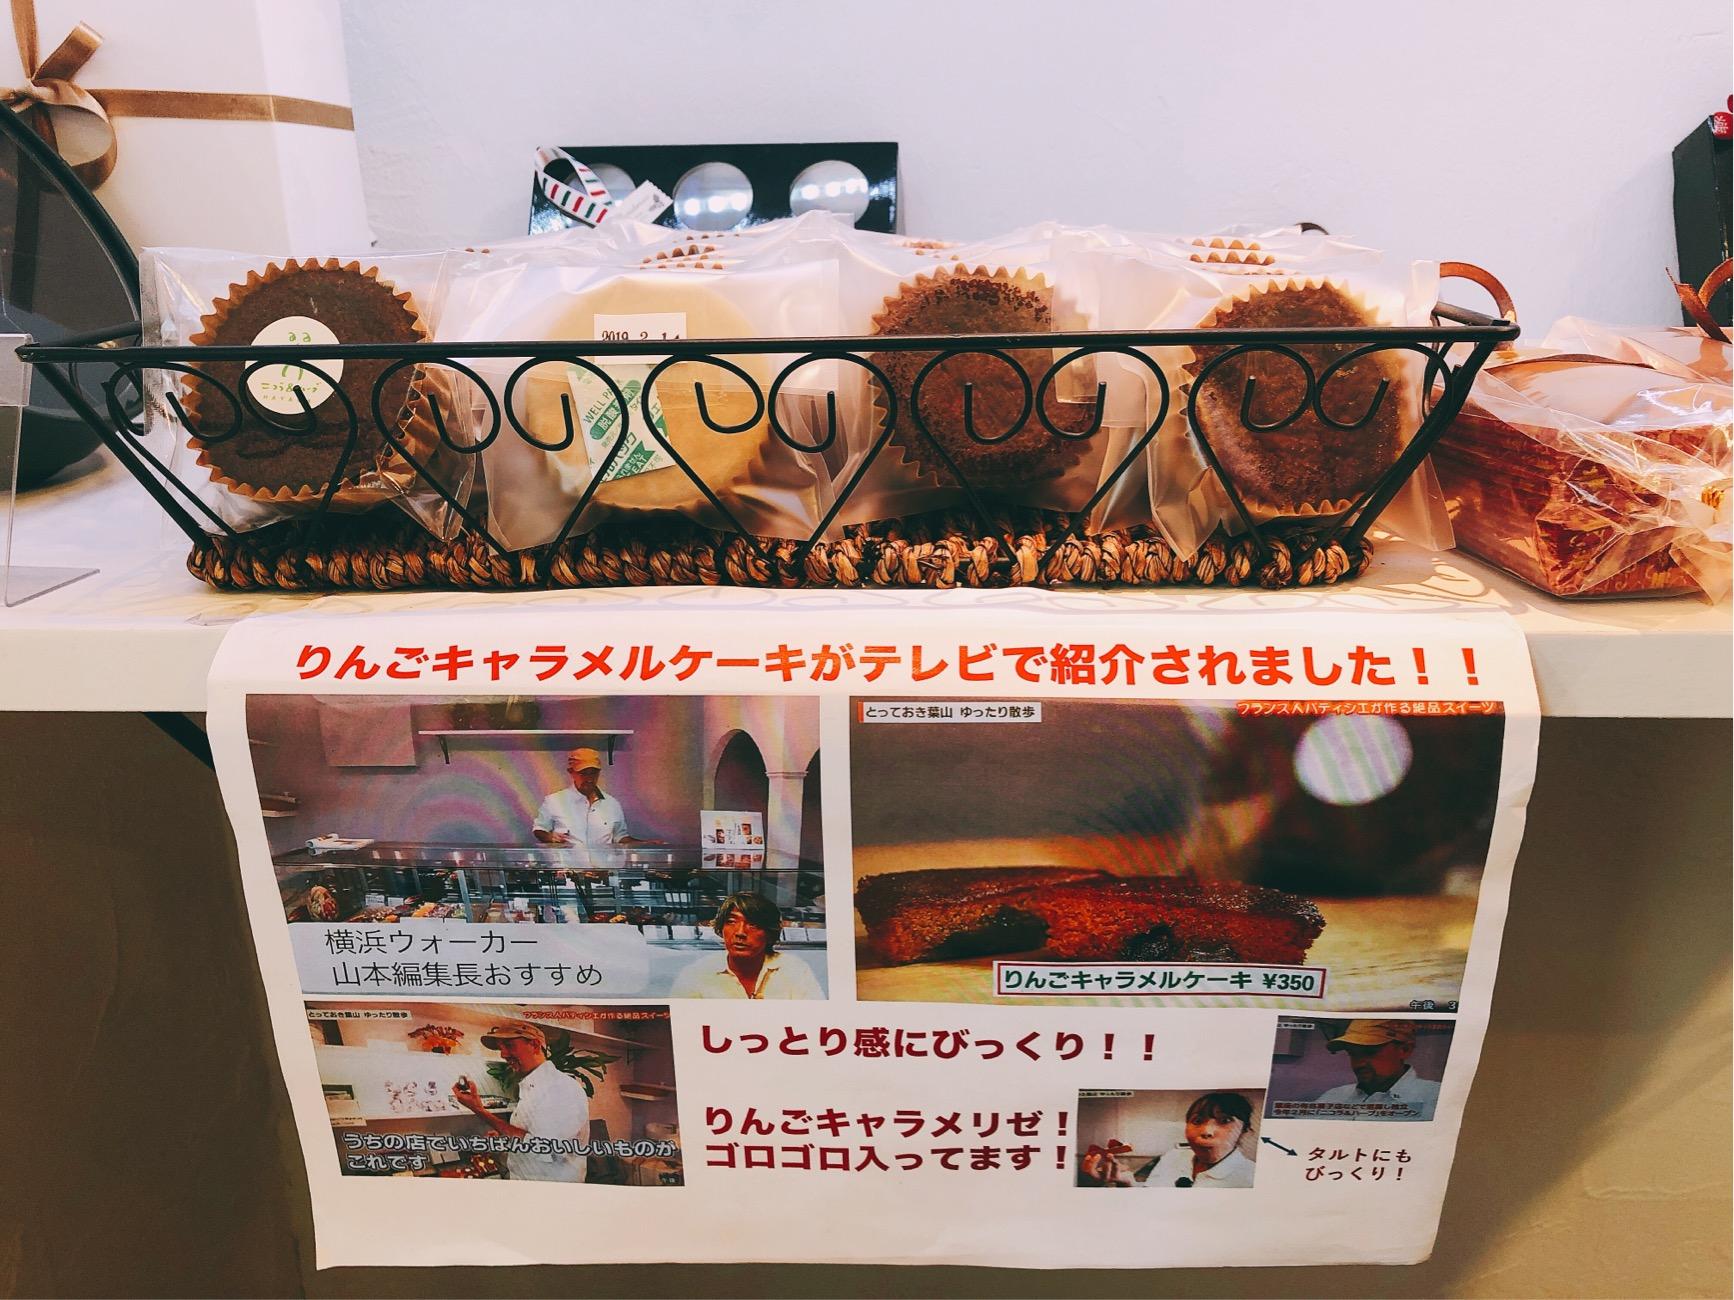 葉山で人気のチョコレート屋さん「Nicolas&Herbs(ニコラ&ハーブ)」のりんごケーキ。テレビで紹介されるほど。